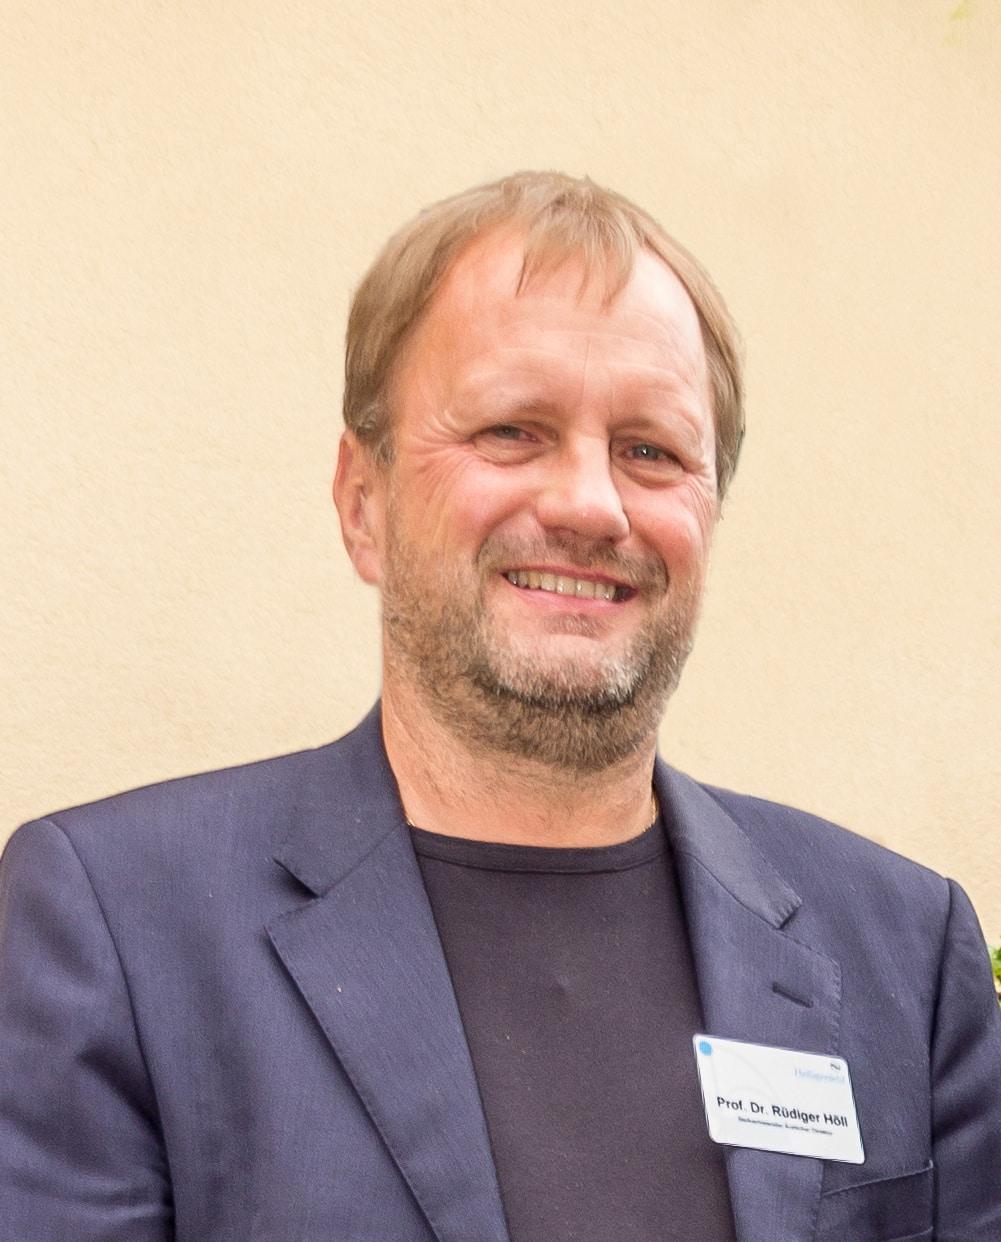 Chefarzt der Parkklinik Heiligenfeld und stellv. Ärztlicher Direktor der Heiligenfeld Kliniken